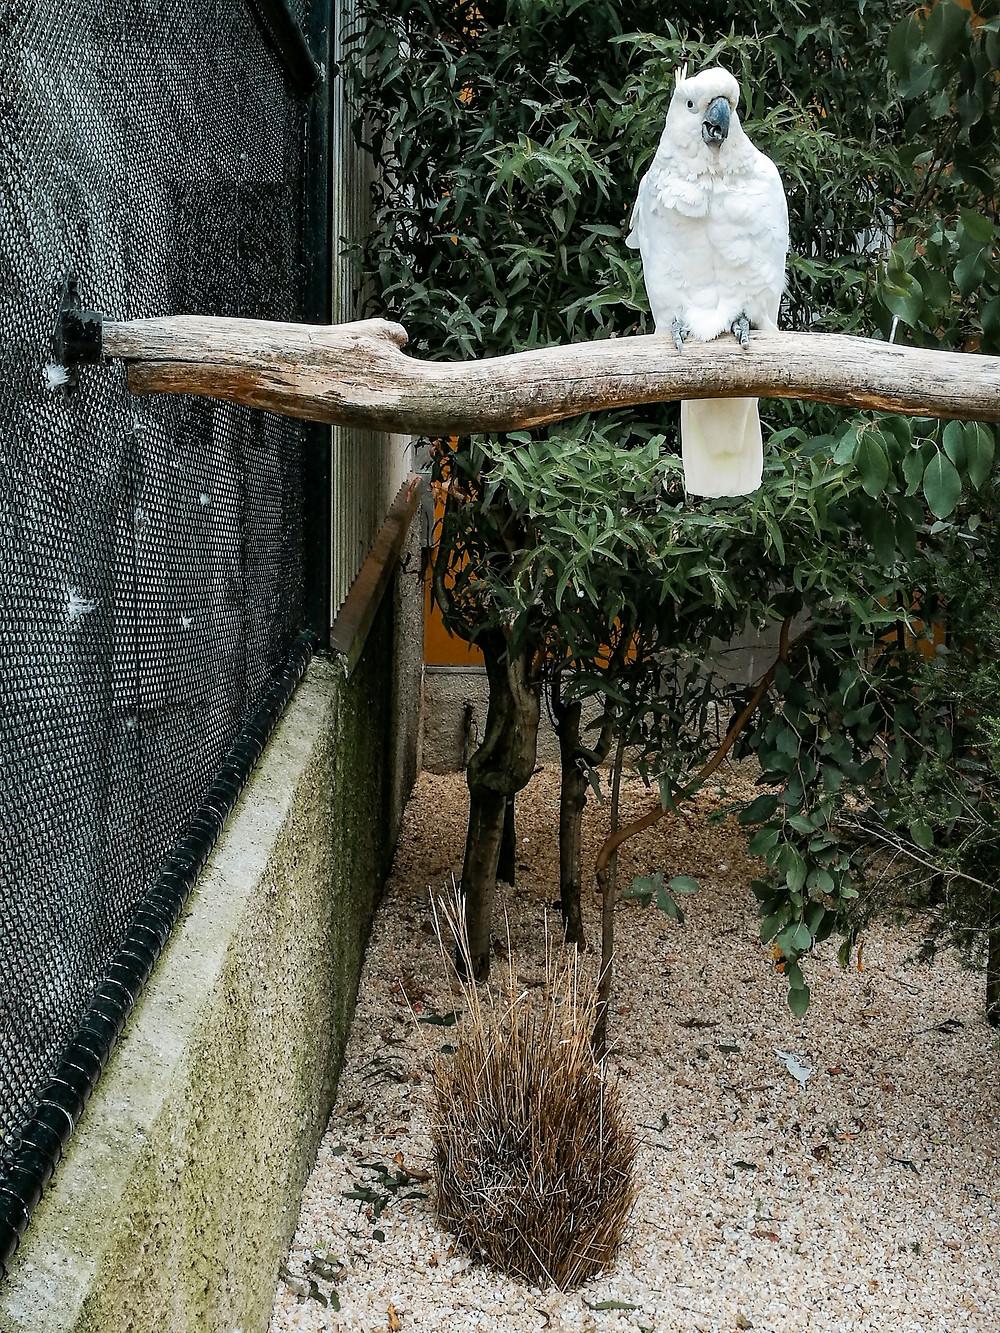 Dunedin Botanic Garden aviary